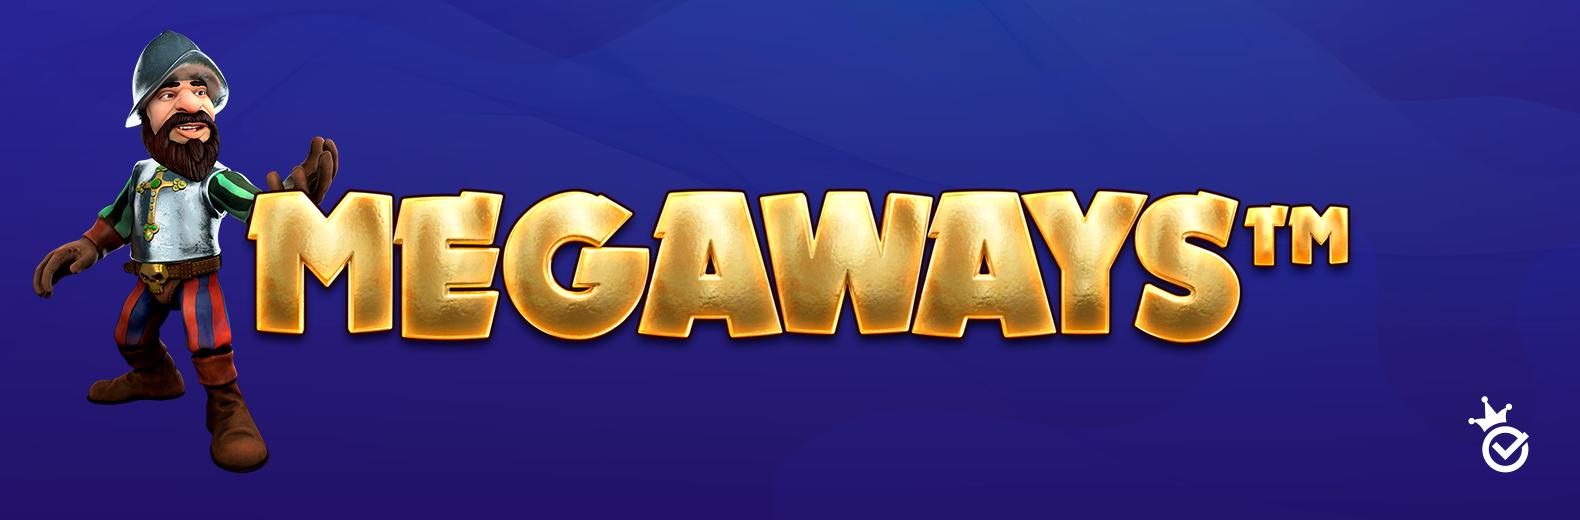 Megaways lošimo automatai – kas tai ir kaip veikia?